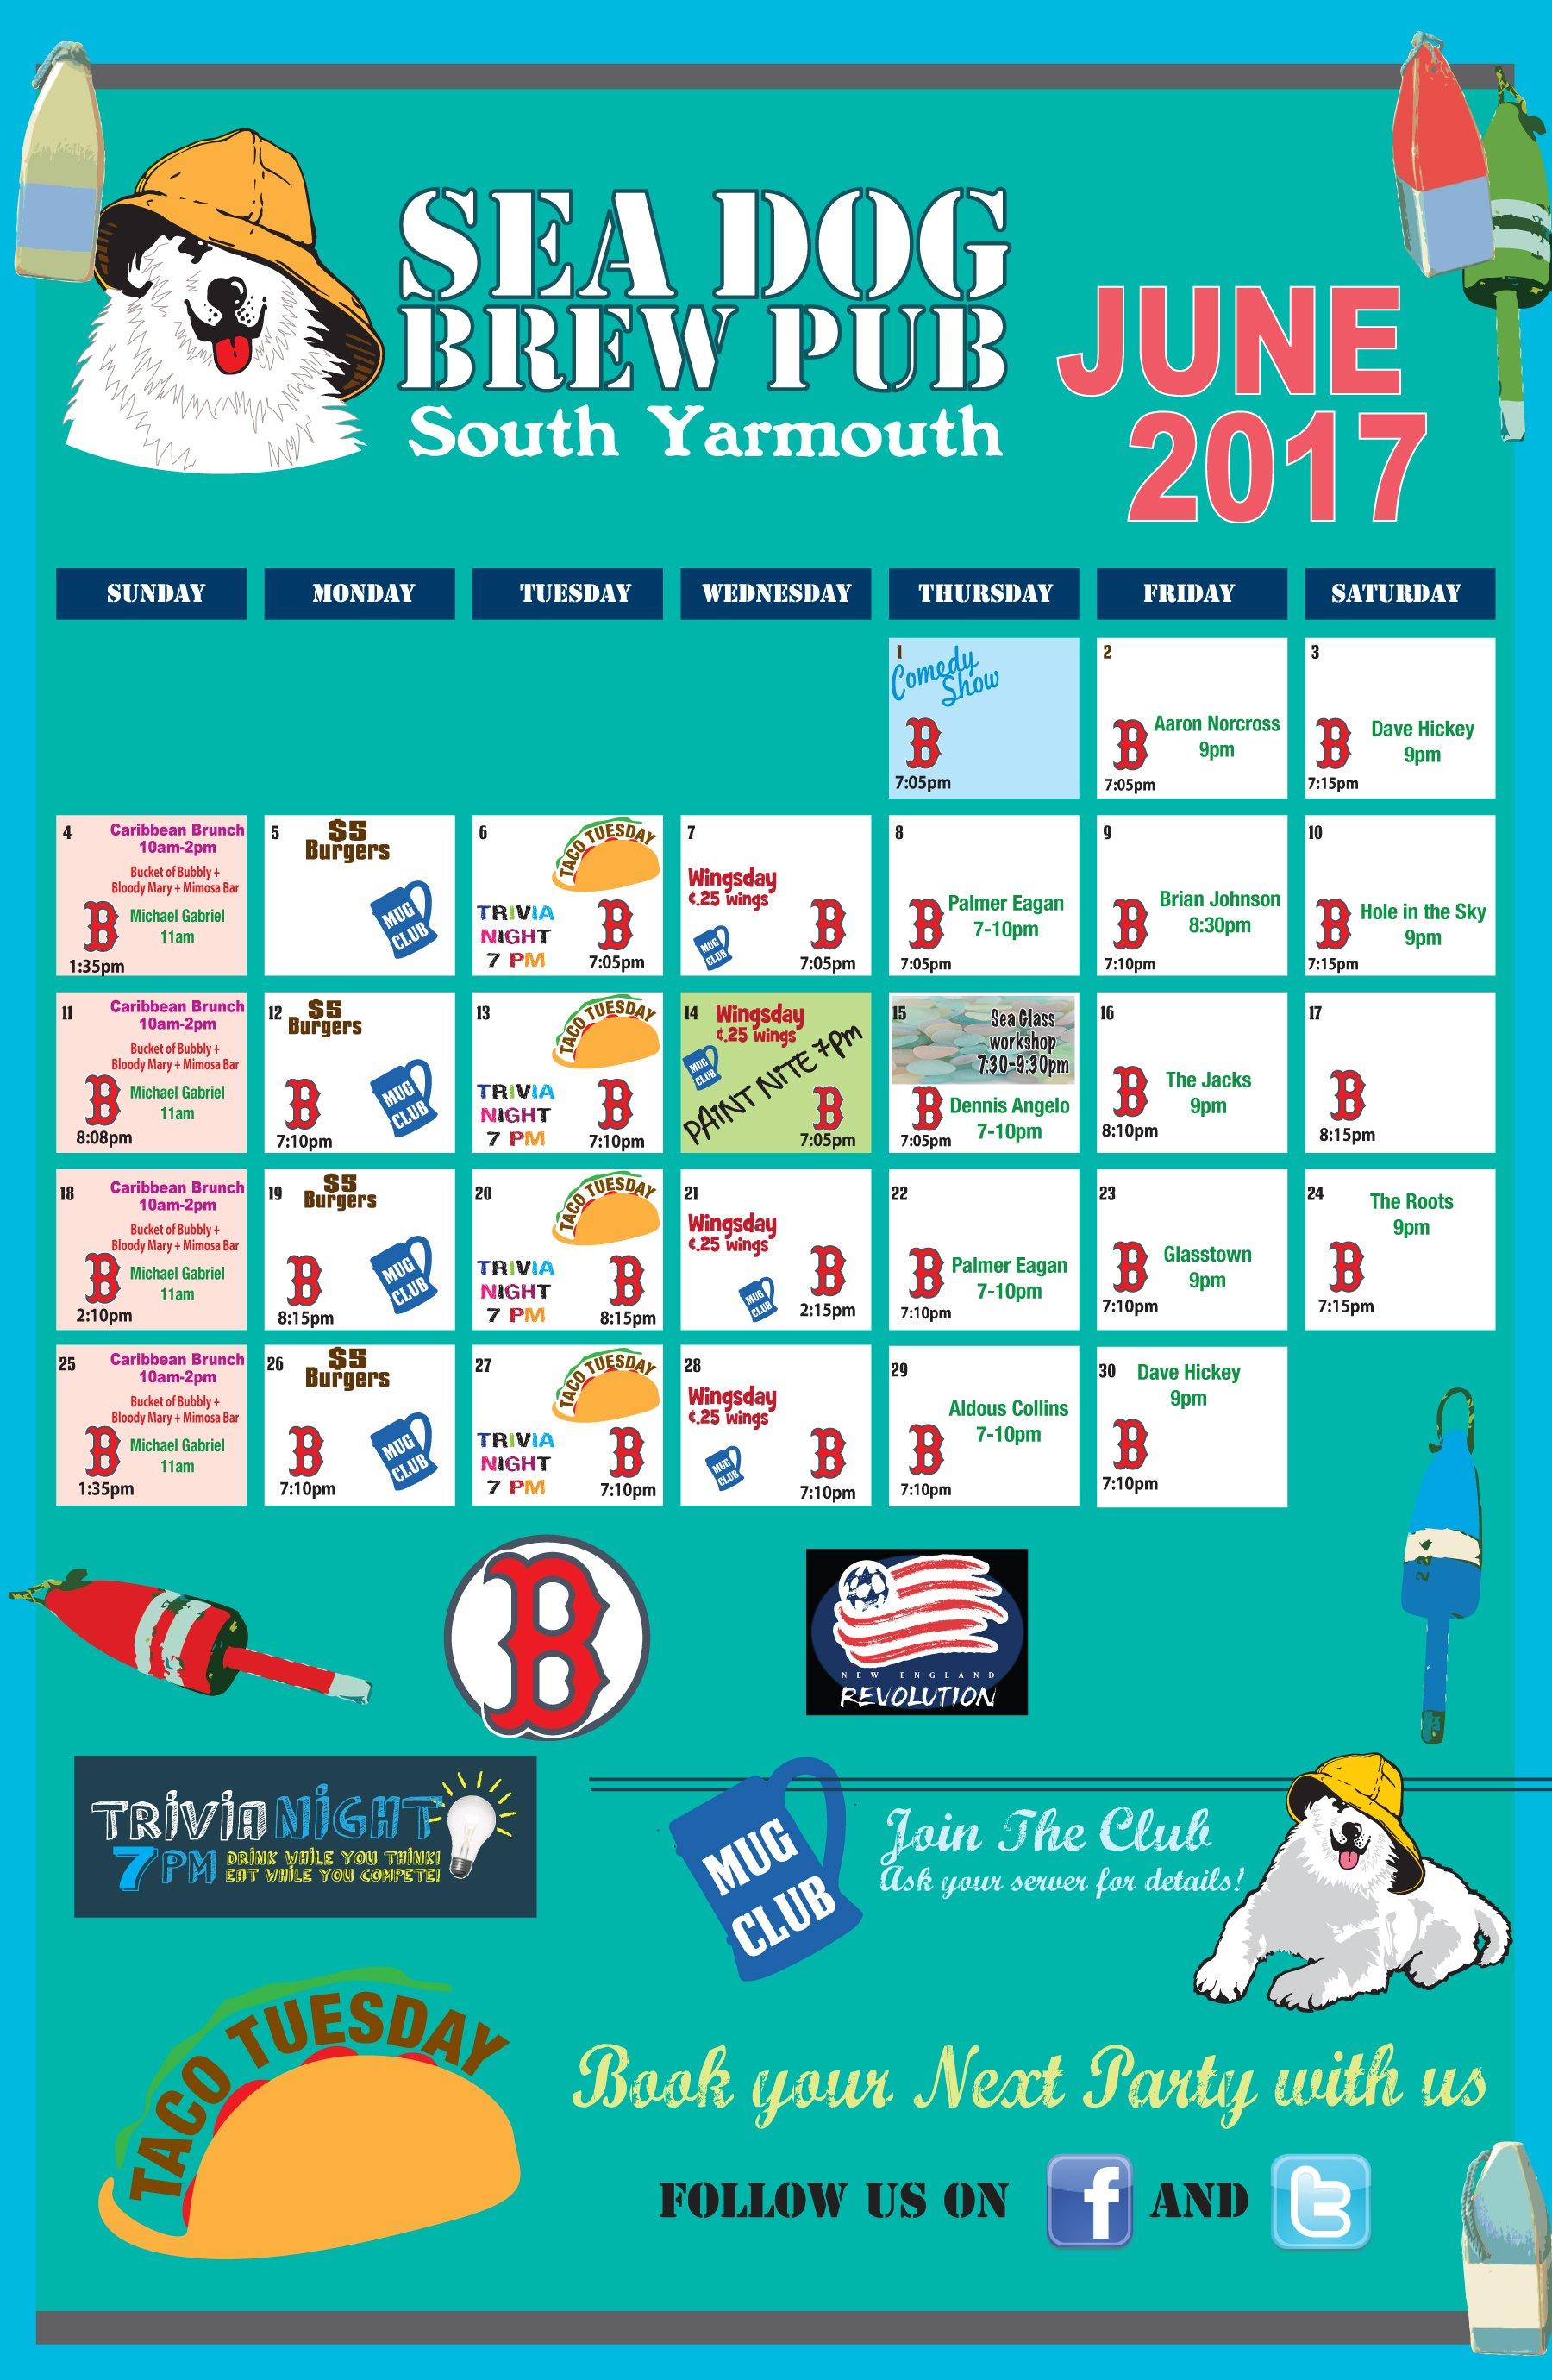 Sea Dog Brew Pub Events Calendar